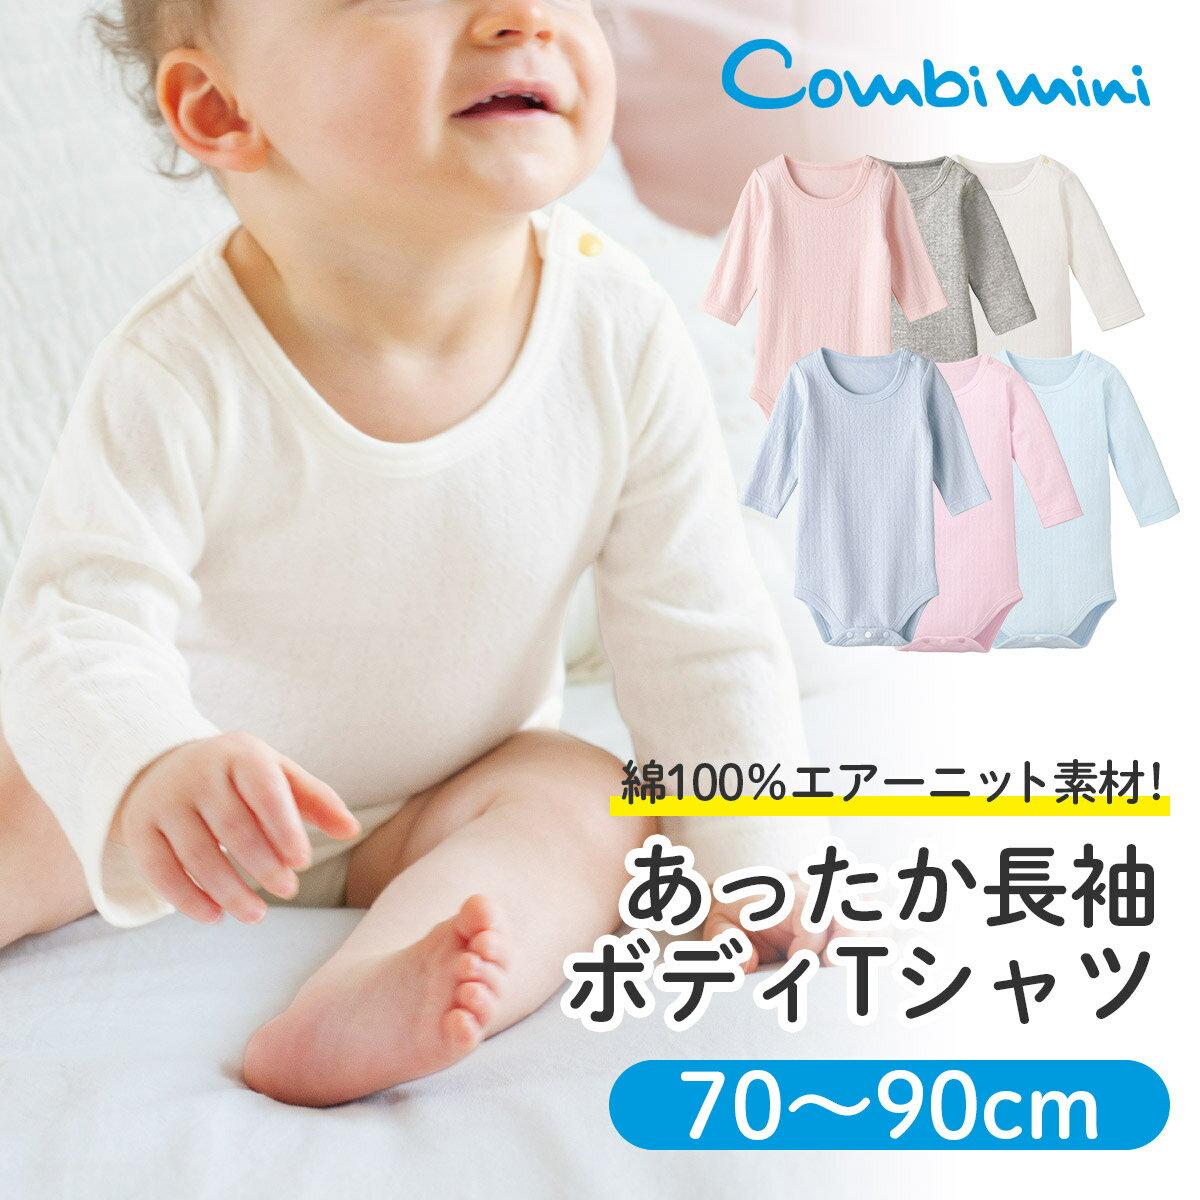 【30%OFF】あったか長袖ボディTシャツ 《コンビミニ》 ベビー 子供 Combi mini 新生児服 肌着 秋冬_hp